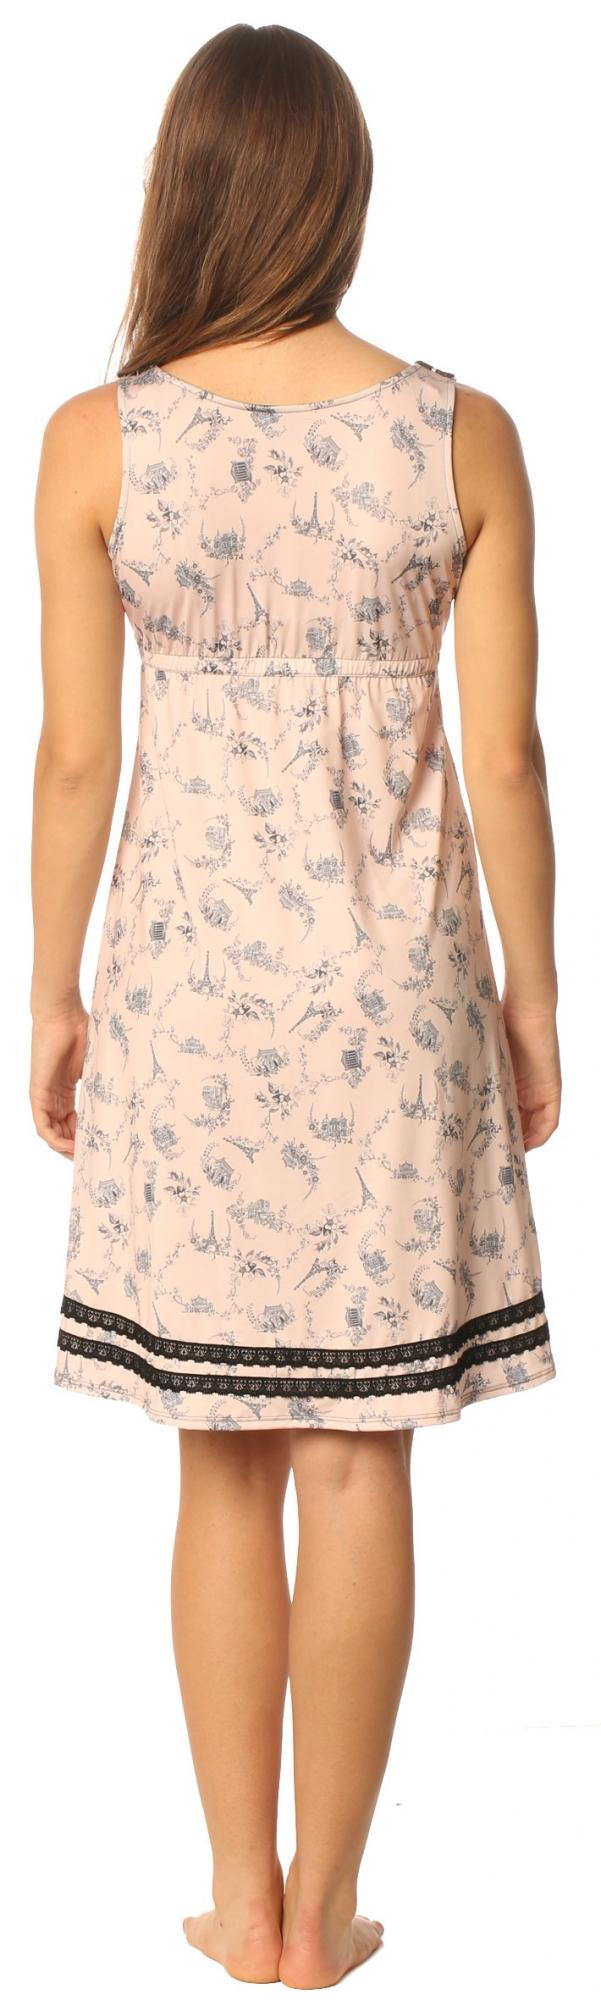 Majamas Celia Nursing Dress/Gown